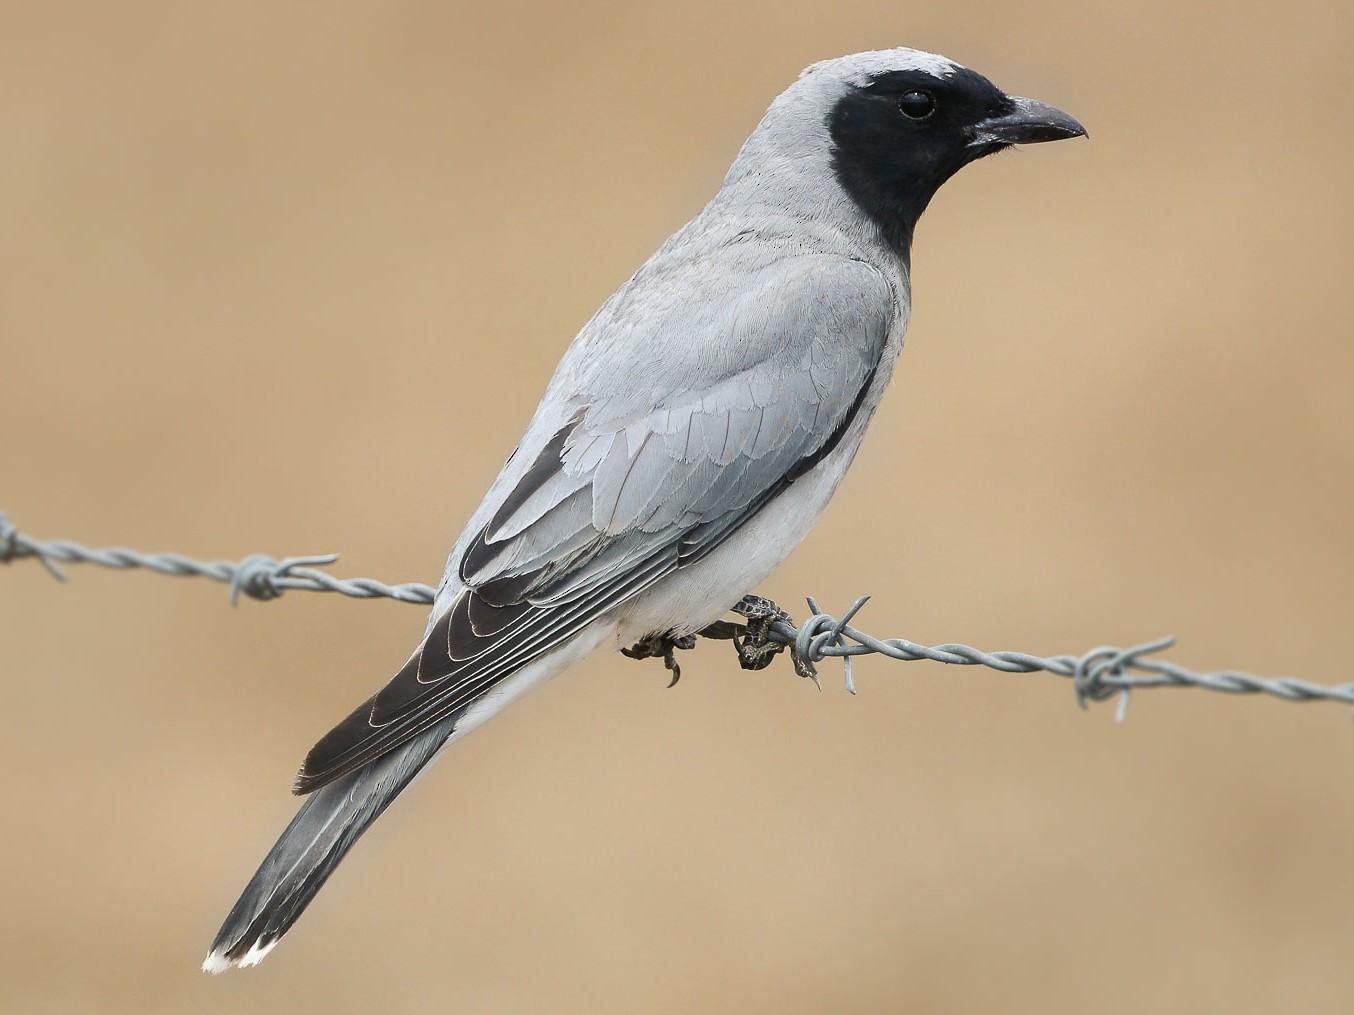 Black-faced Cuckooshrike - Ged Tranter